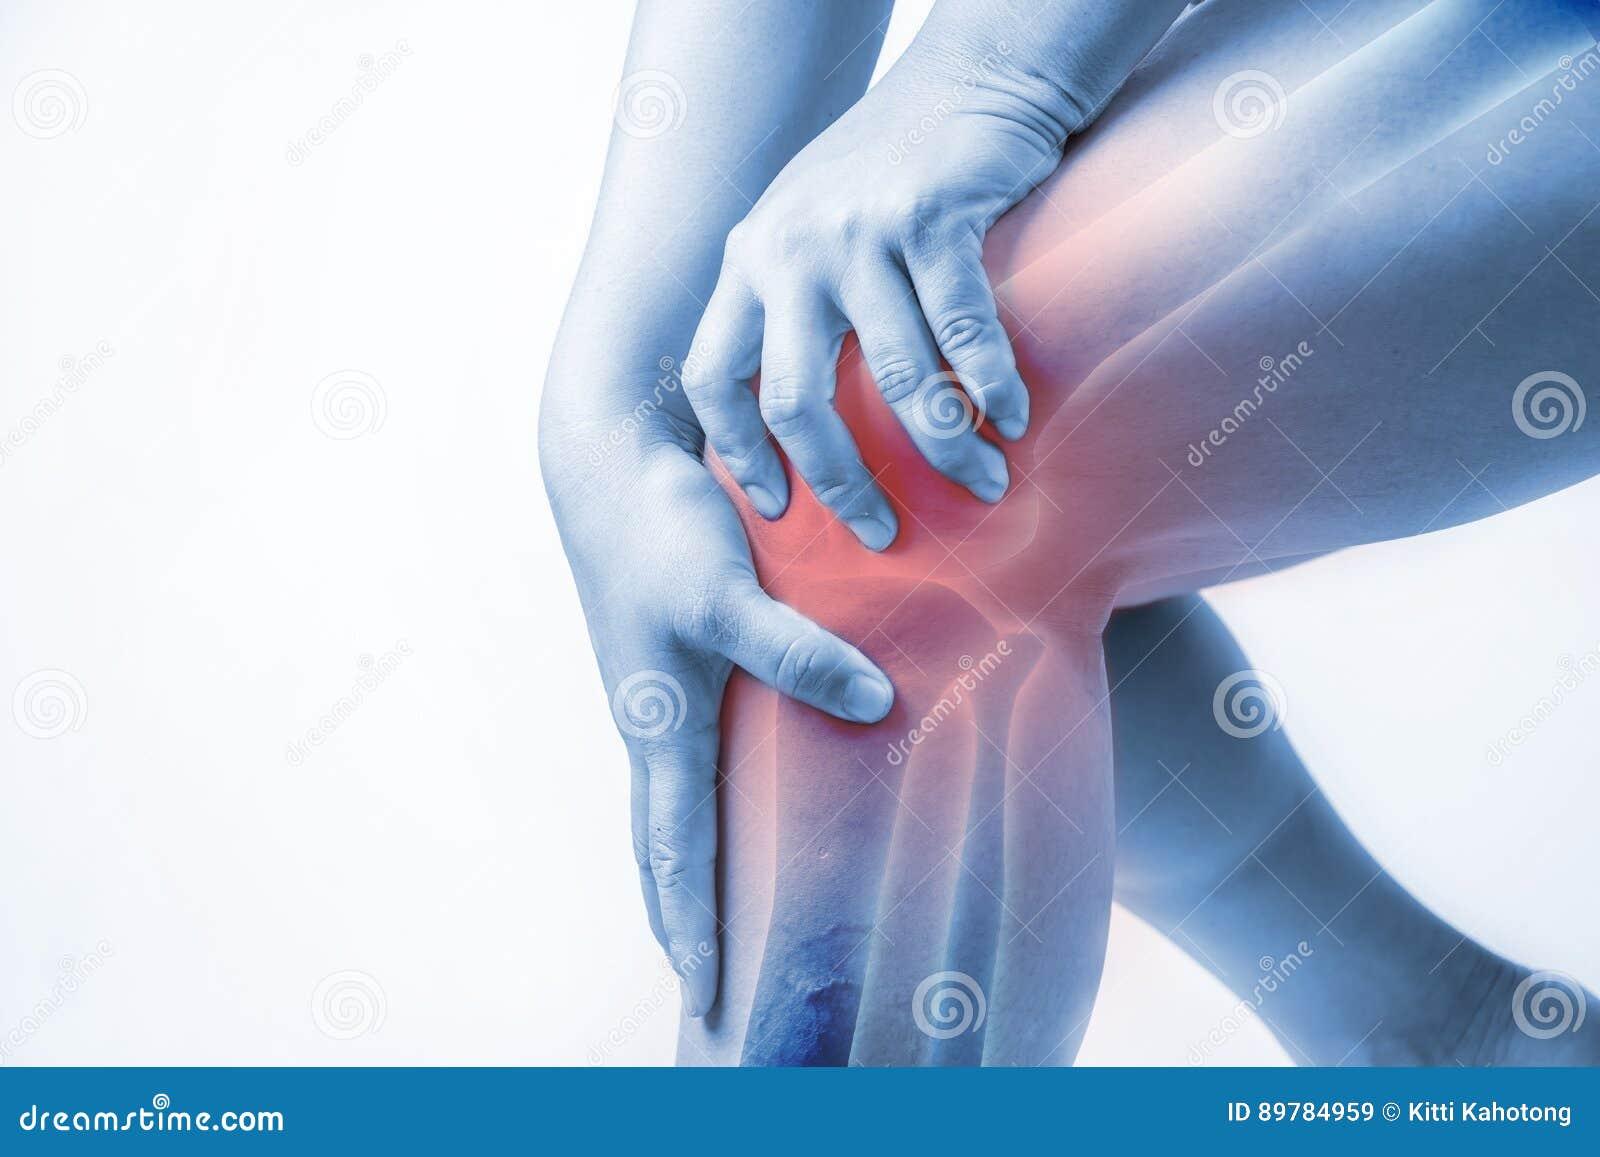 Knäskada hos människor knäet smärtar, folkläkarundersökningen för gemensam plågor, mono signalviktig på knäet